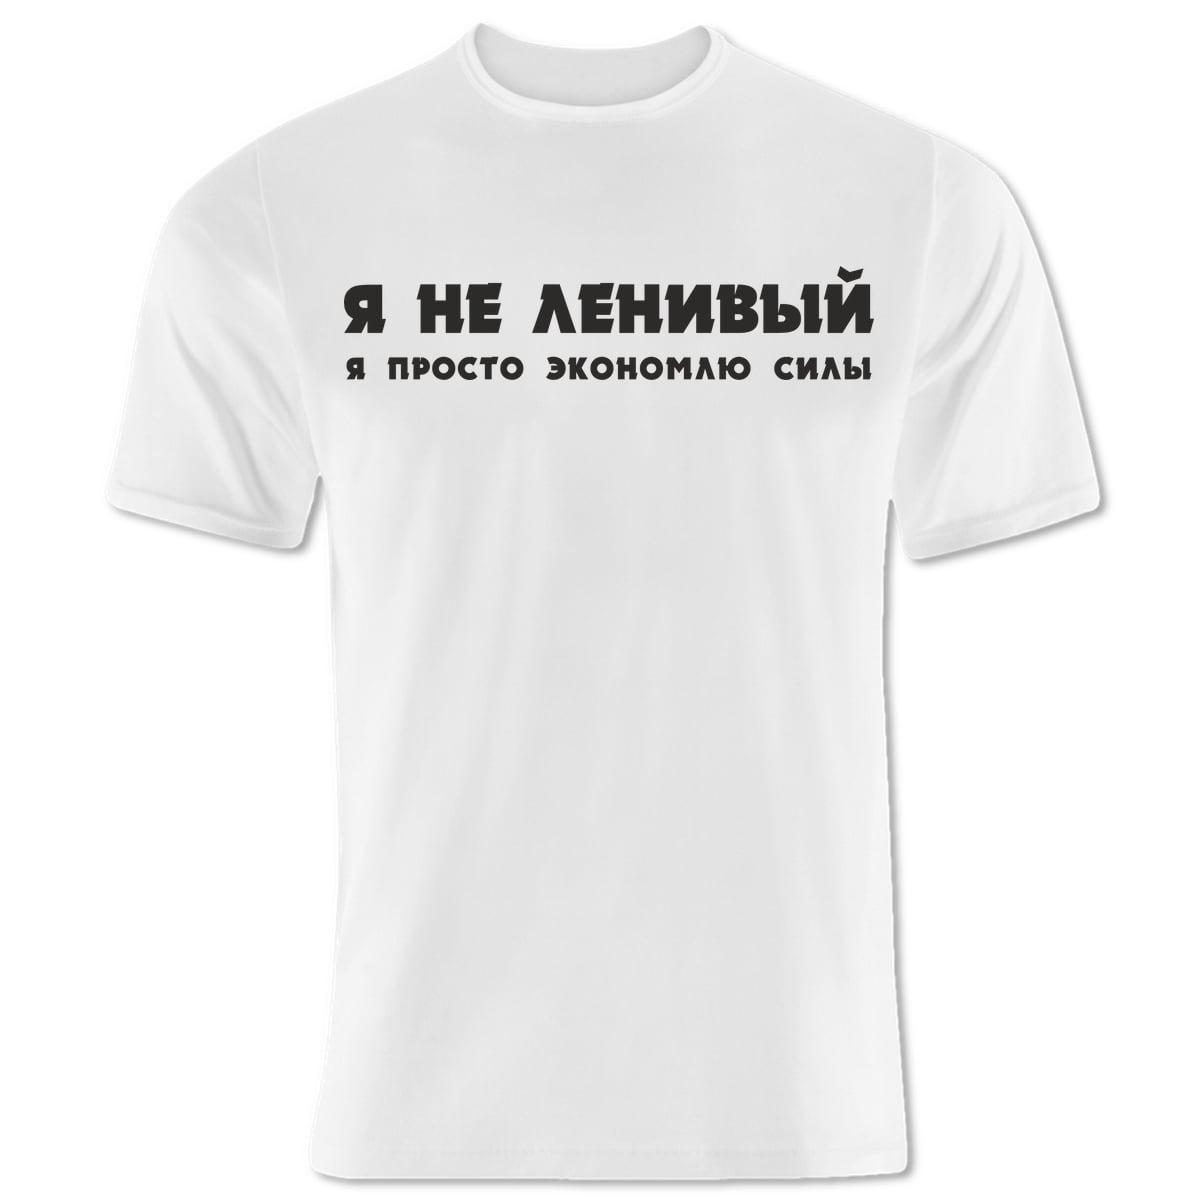 Надписями, картинка с надписью на футболке русская